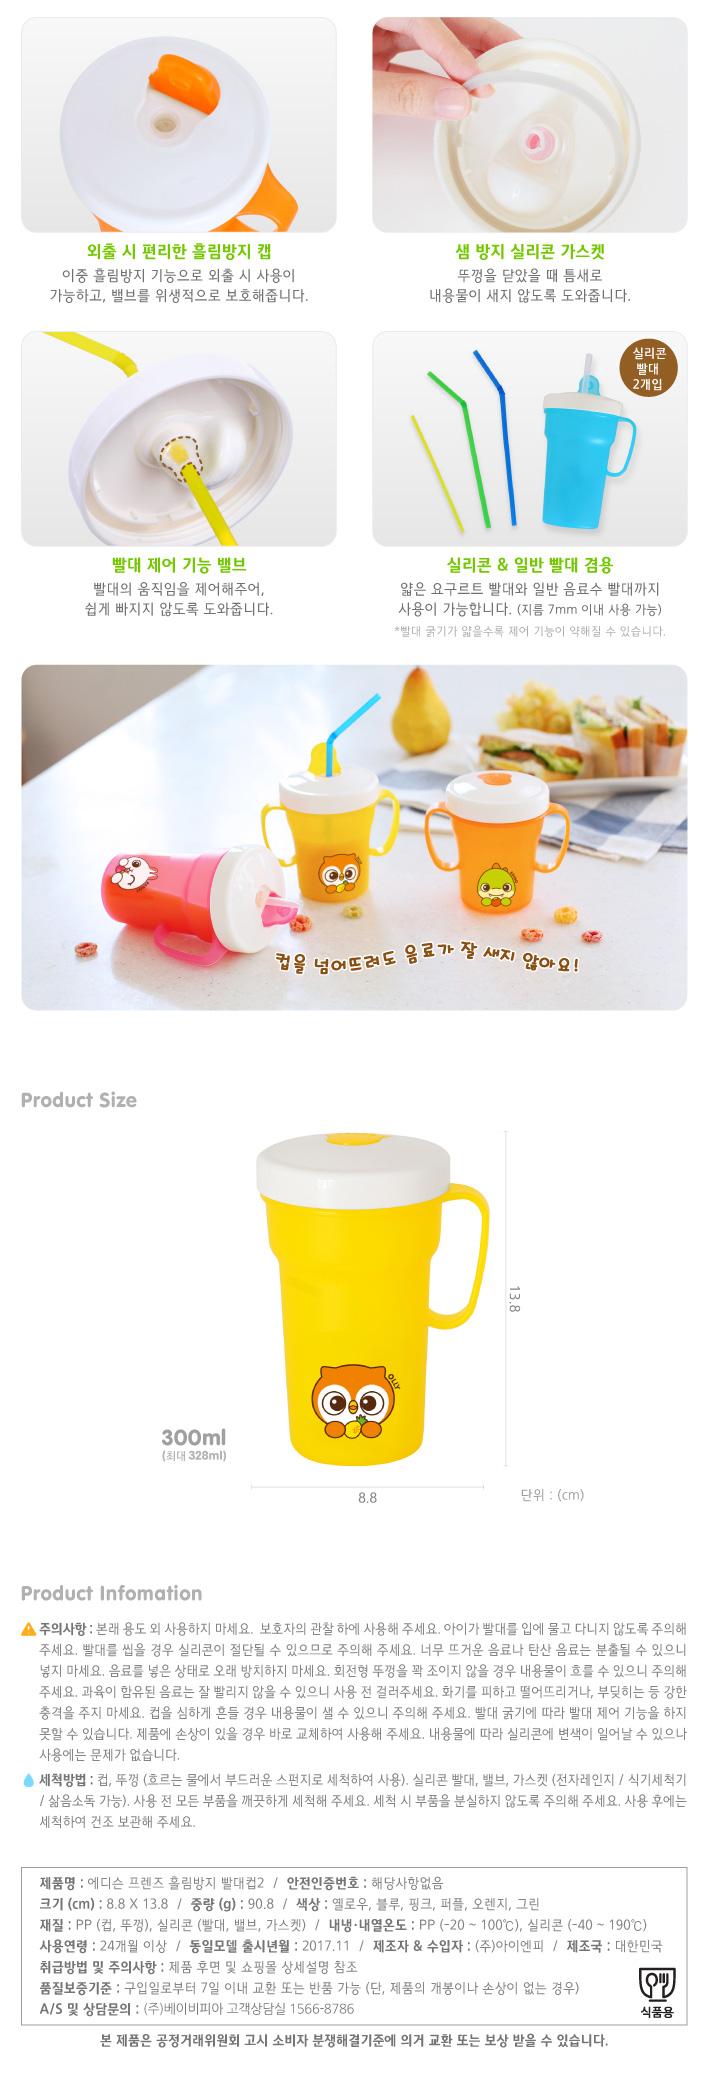 에디슨 프렌즈 흘림방지 키즈 빨대컵 - 베이비피아, 8,925원, 유아식기/용품, 컵/빨대컵/물병